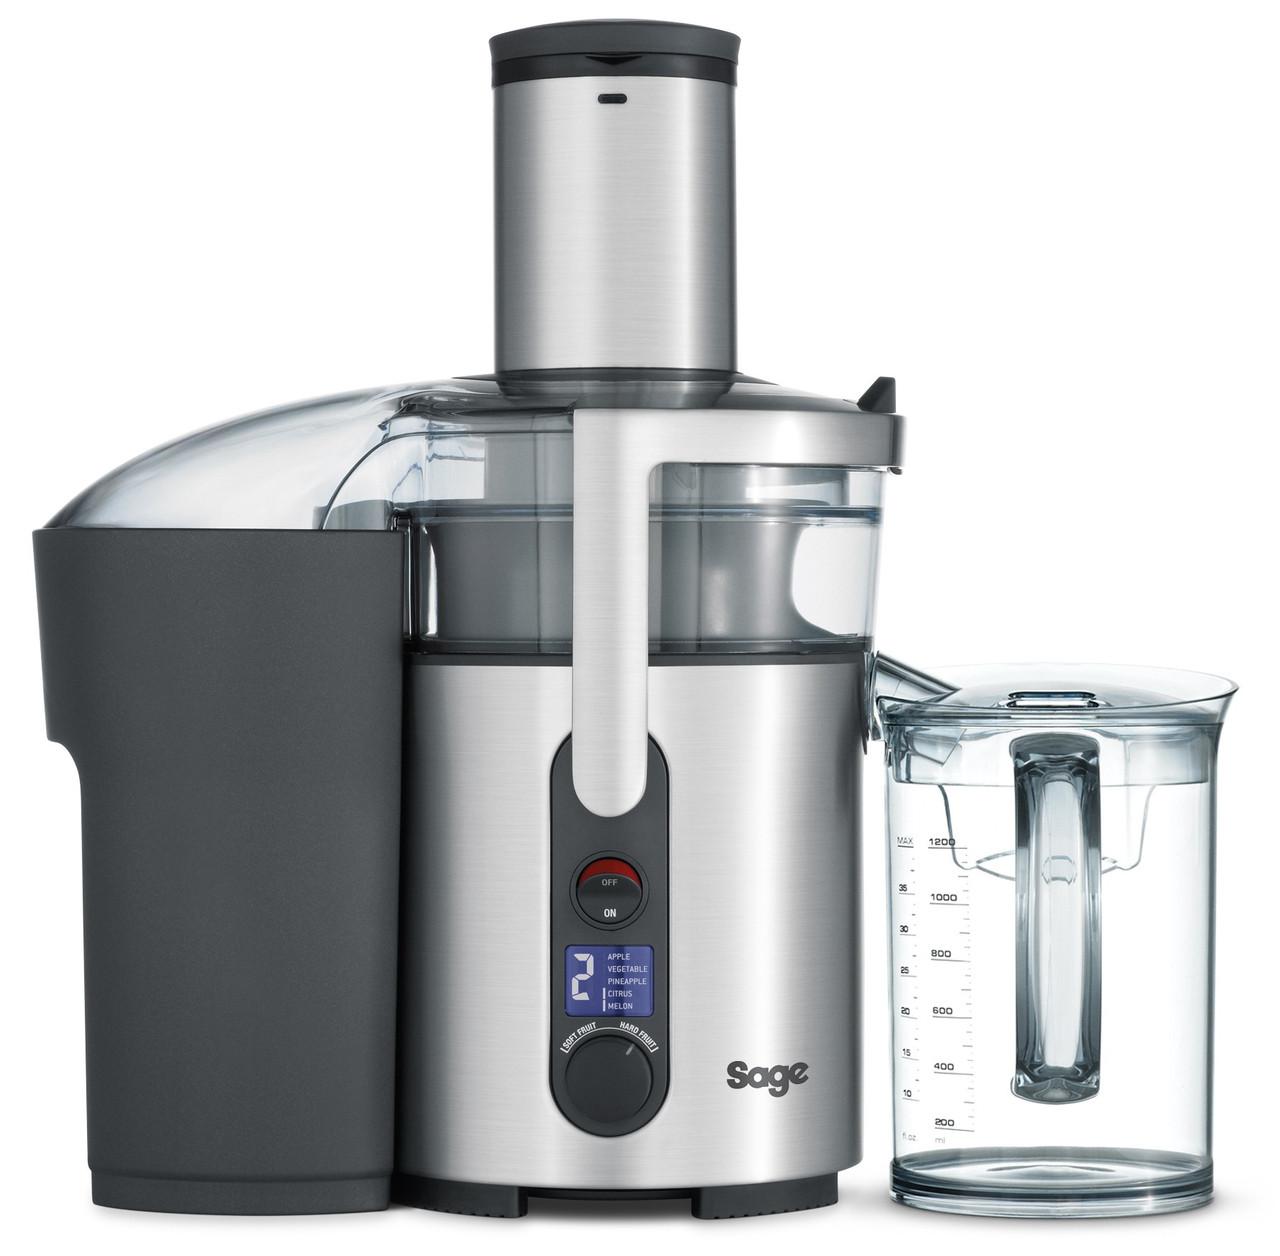 Sage Nutri Juicer Plus BJE520UK by Heston Blumenthal